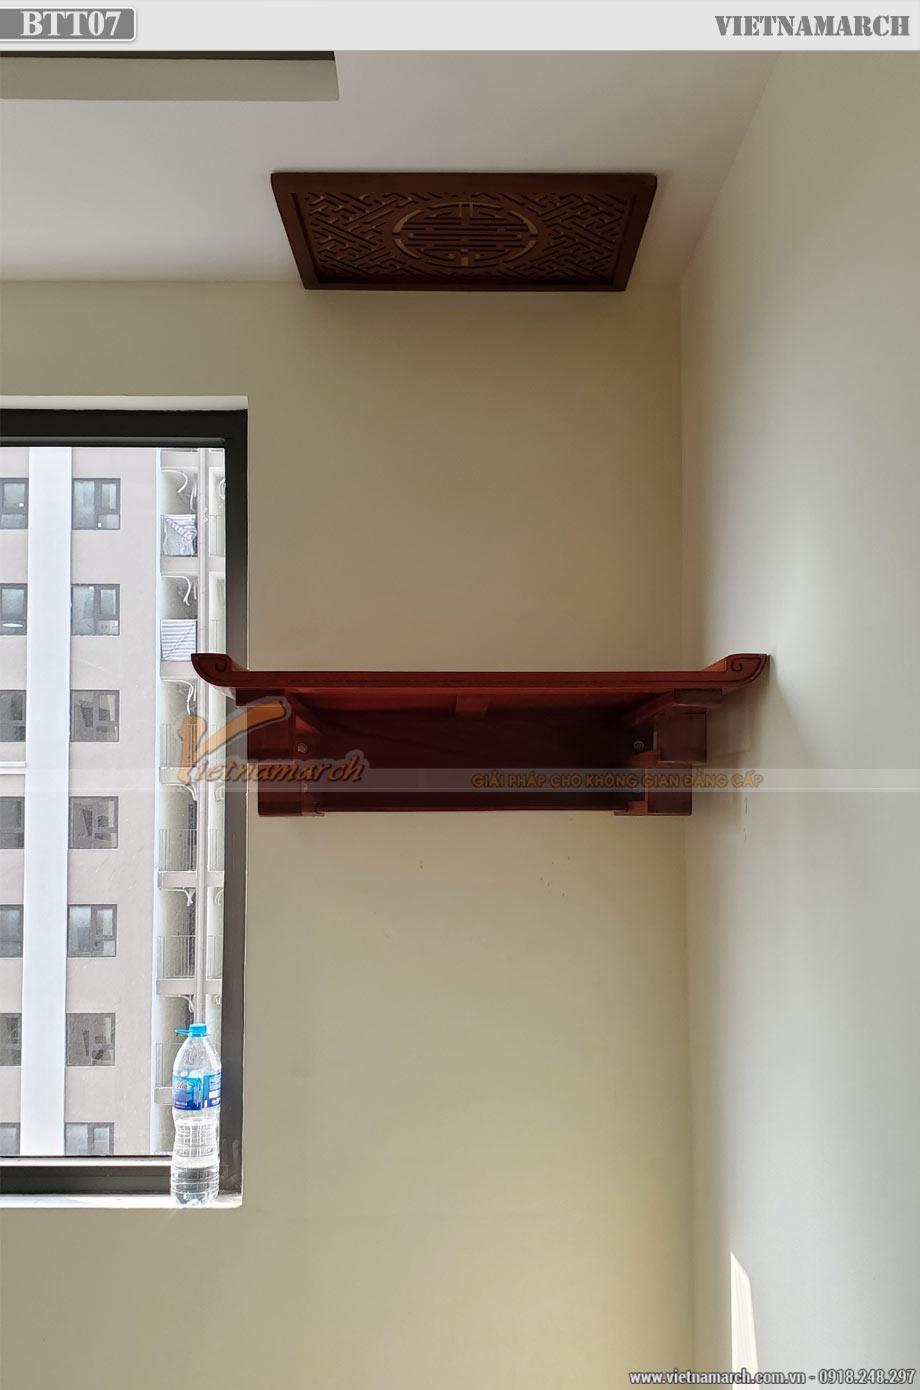 Mẫu bàn thờ treo gỗ hương cho chung cư IEC Thanh Trì